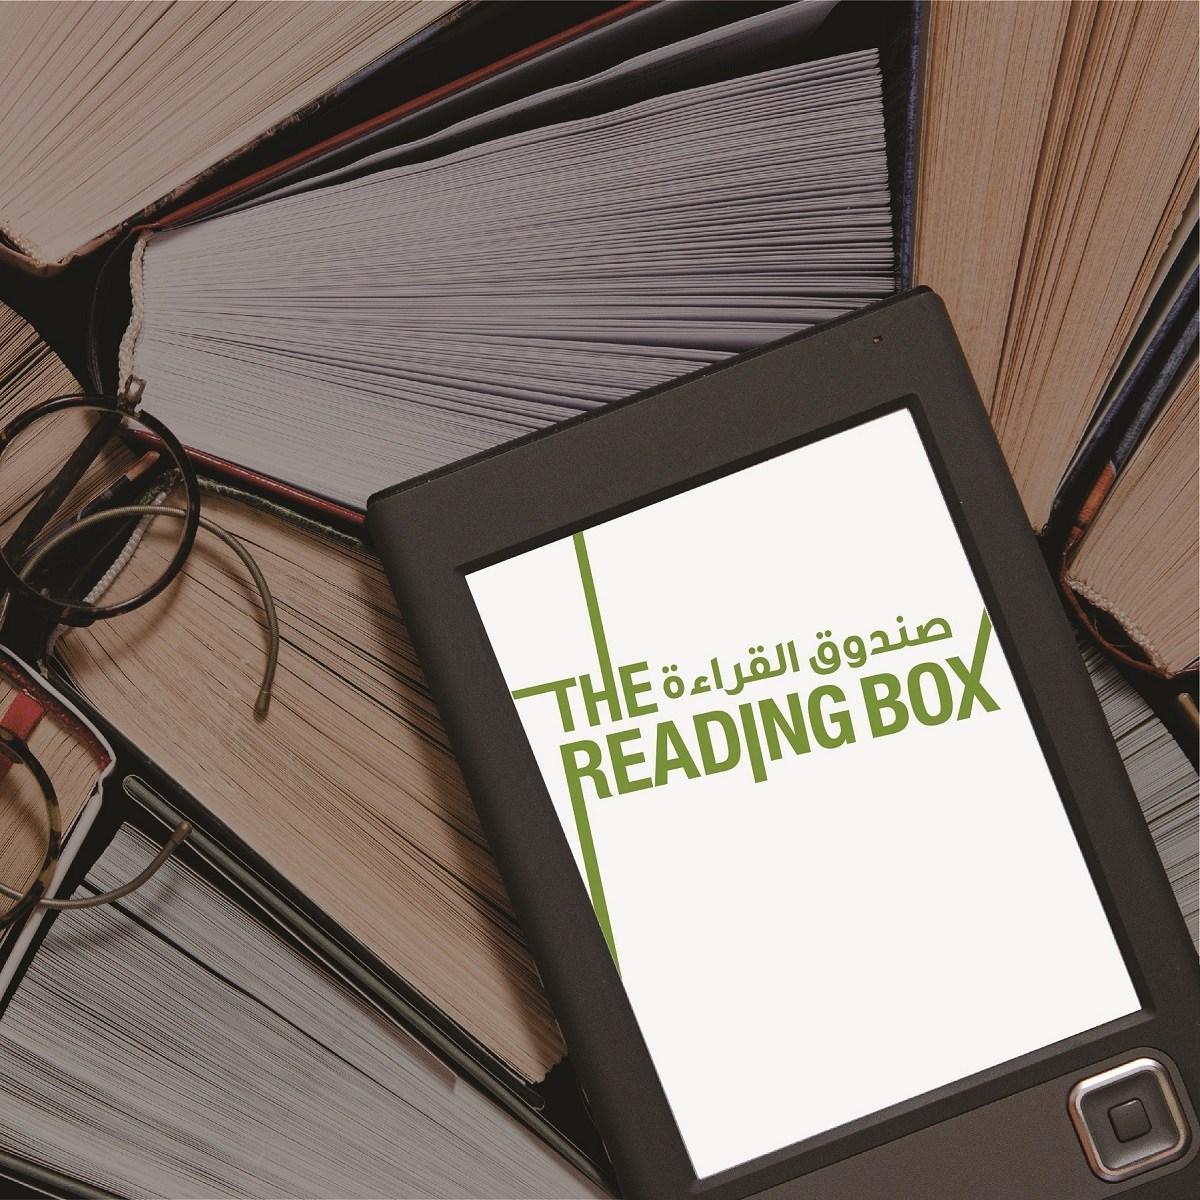 Të rinjtë duhet të lexojnë, Dubai krijon seminarin virtual për të rritur vullnetin